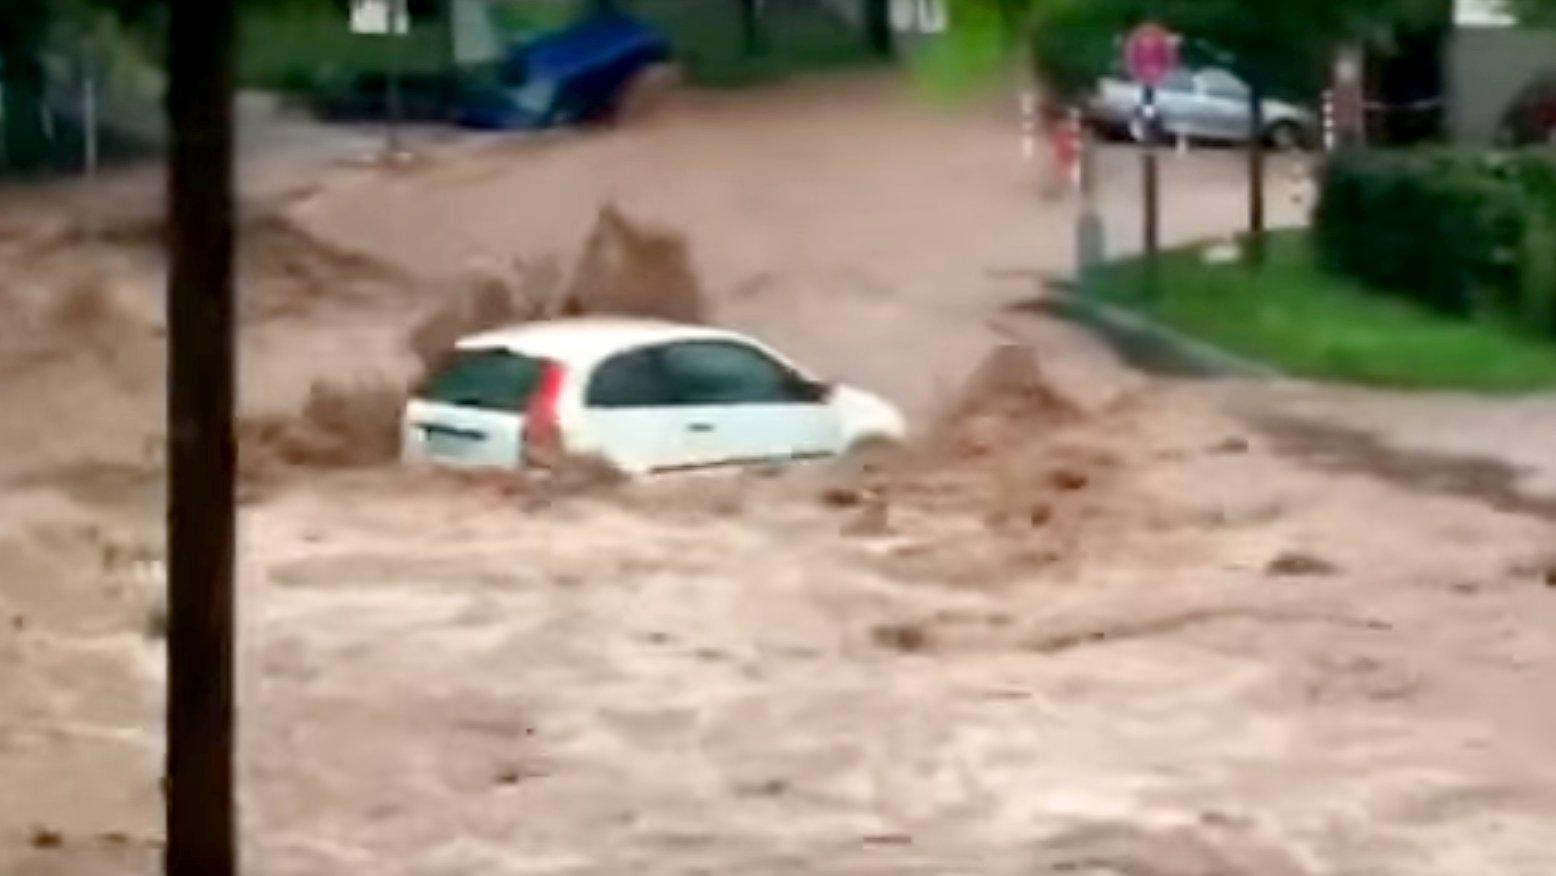 Hochwasser in Schwäbisch Gmünd, video